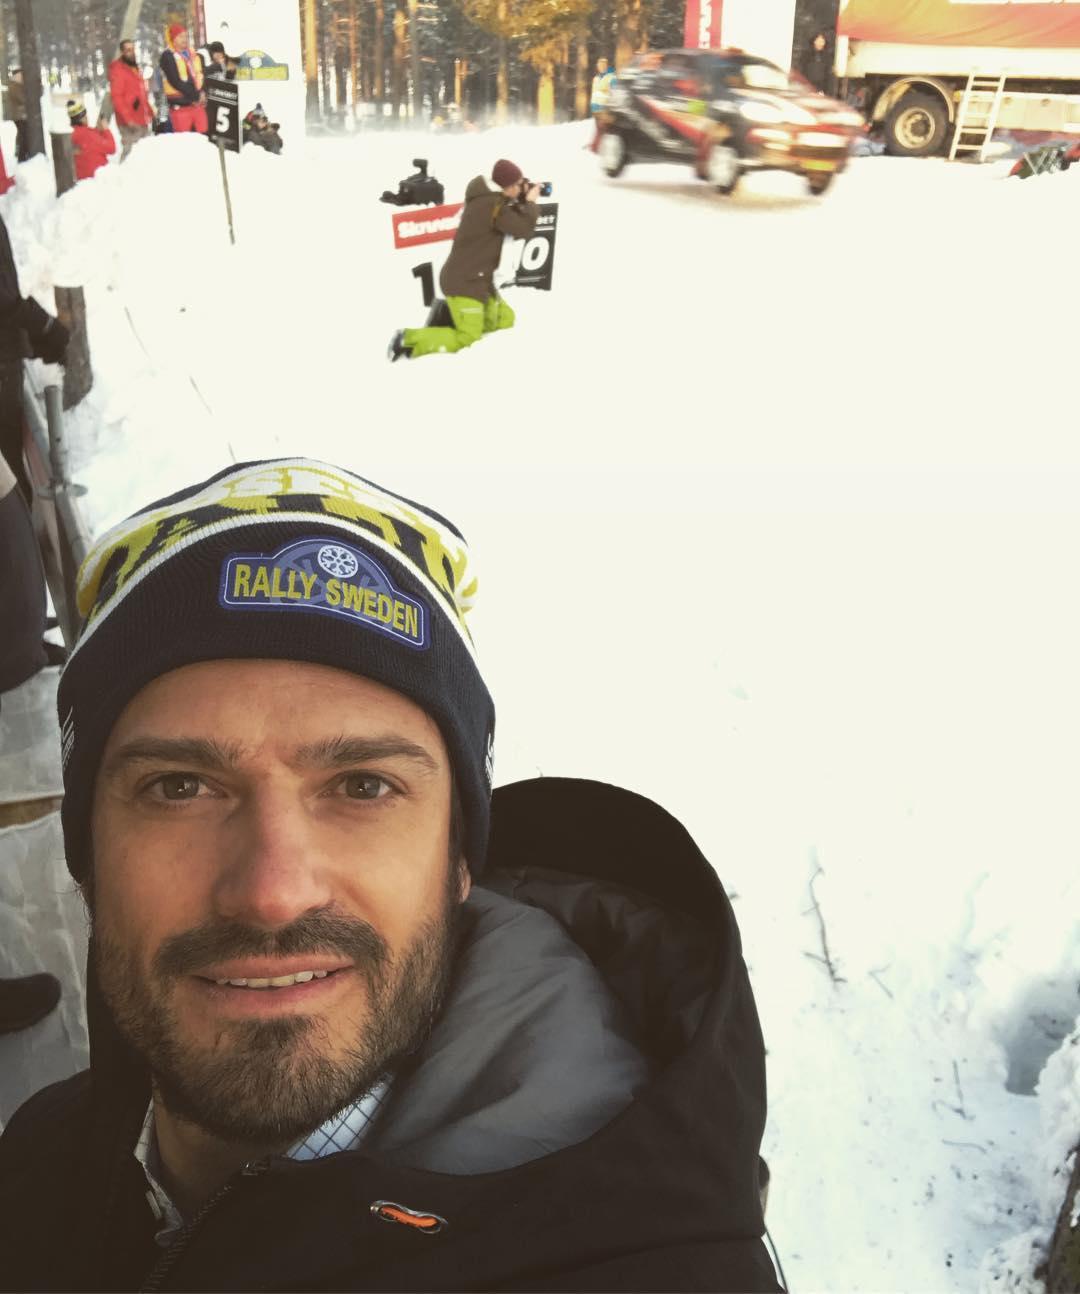 画像1: PrinsparetさんはInstagramを利用しています:「För några dagar sedan var jag på plats på Colin's Crest för @rallysweden. Alltid lika roligt att få vara där!」 www.instagram.com